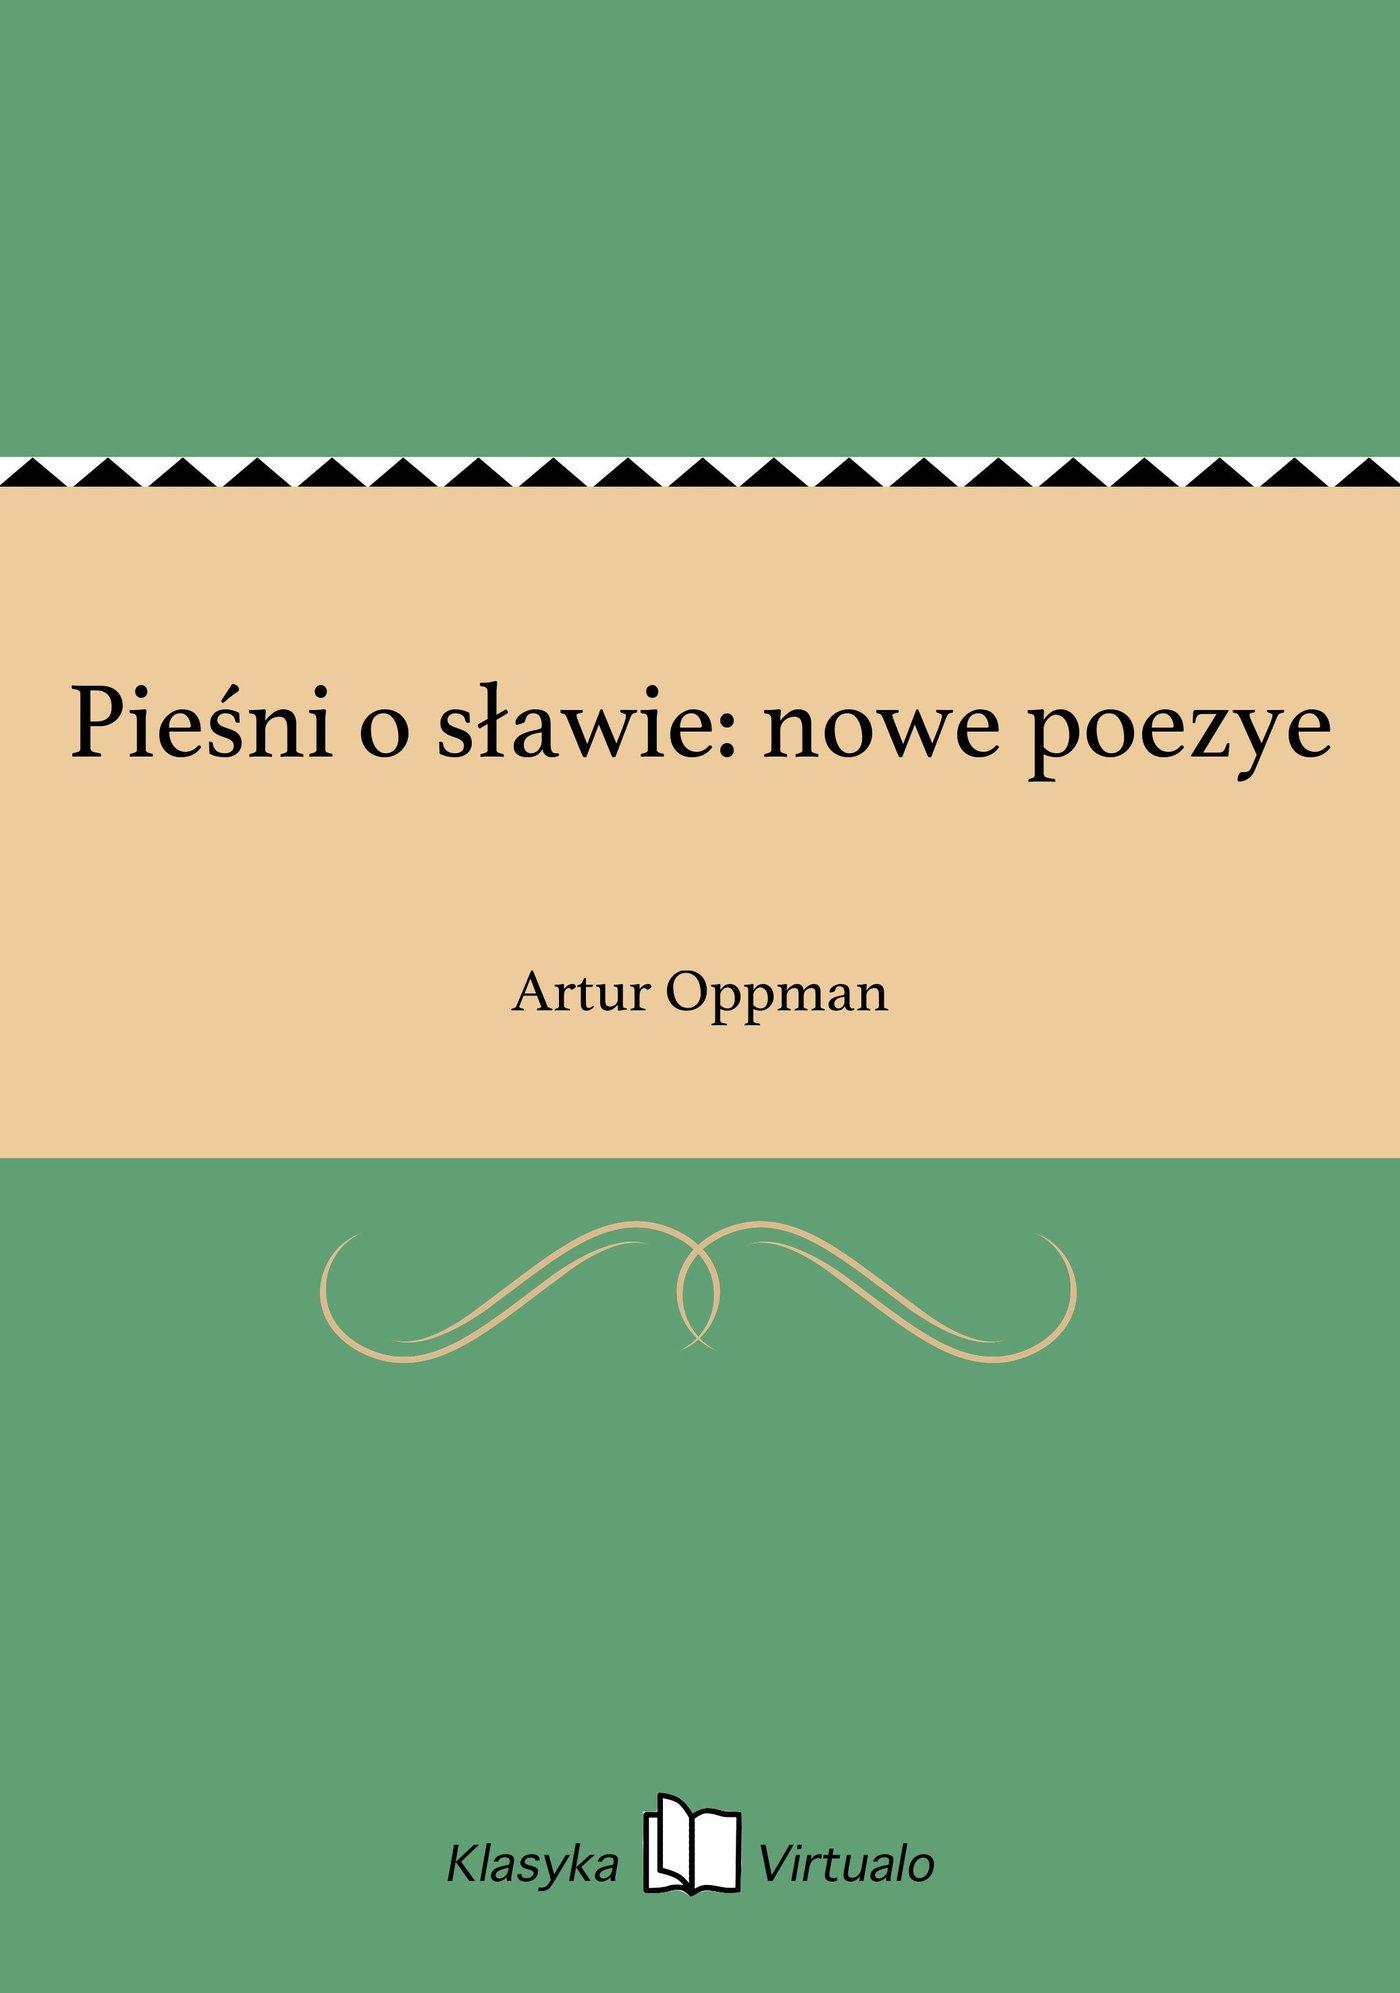 Pieśni o sławie: nowe poezye - Ebook (Książka EPUB) do pobrania w formacie EPUB